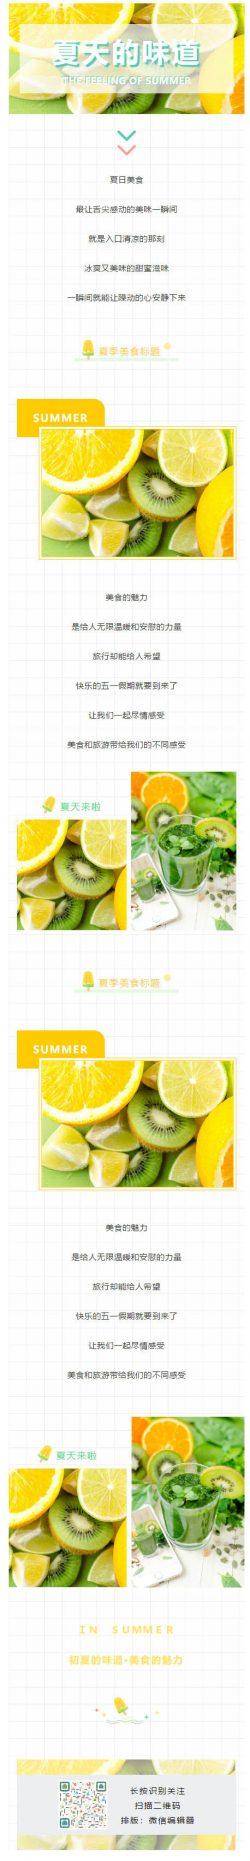 夏天美食橙色暖色风格模板简约微信推文模板公众号图文素材